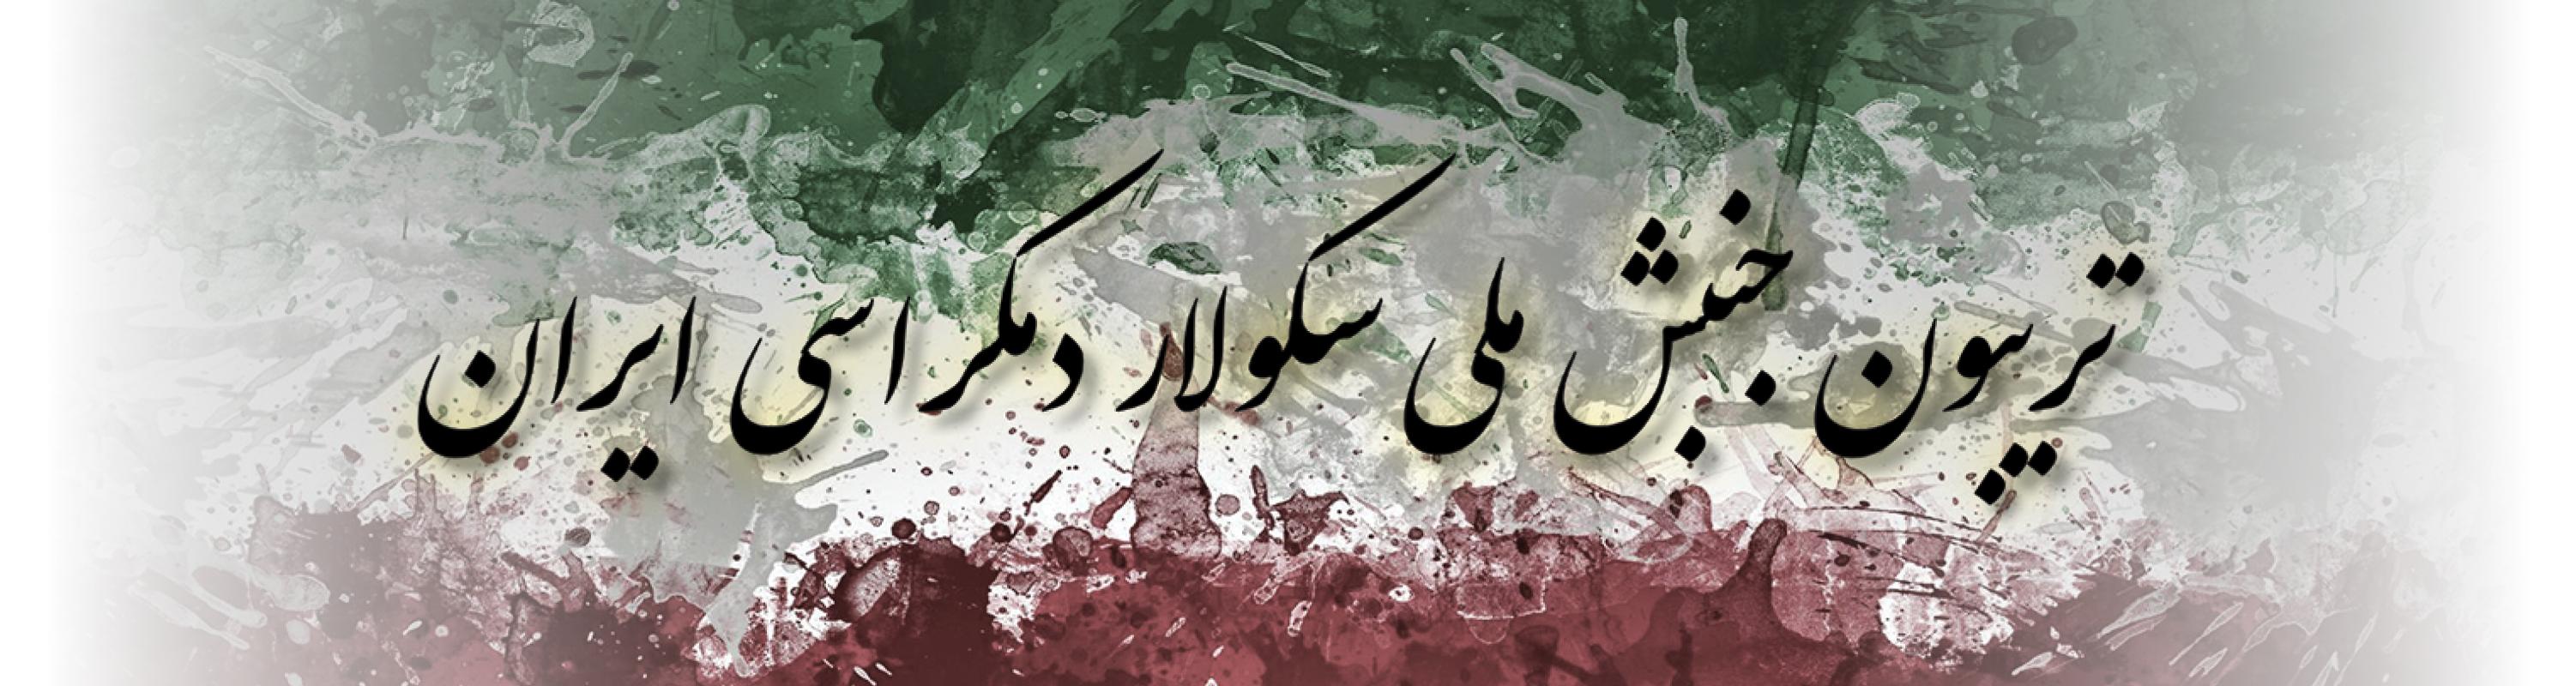 آغاز دومین سال فعالیت سایت«تریبون جنبش ملی سکولار دمکراسی ایران»